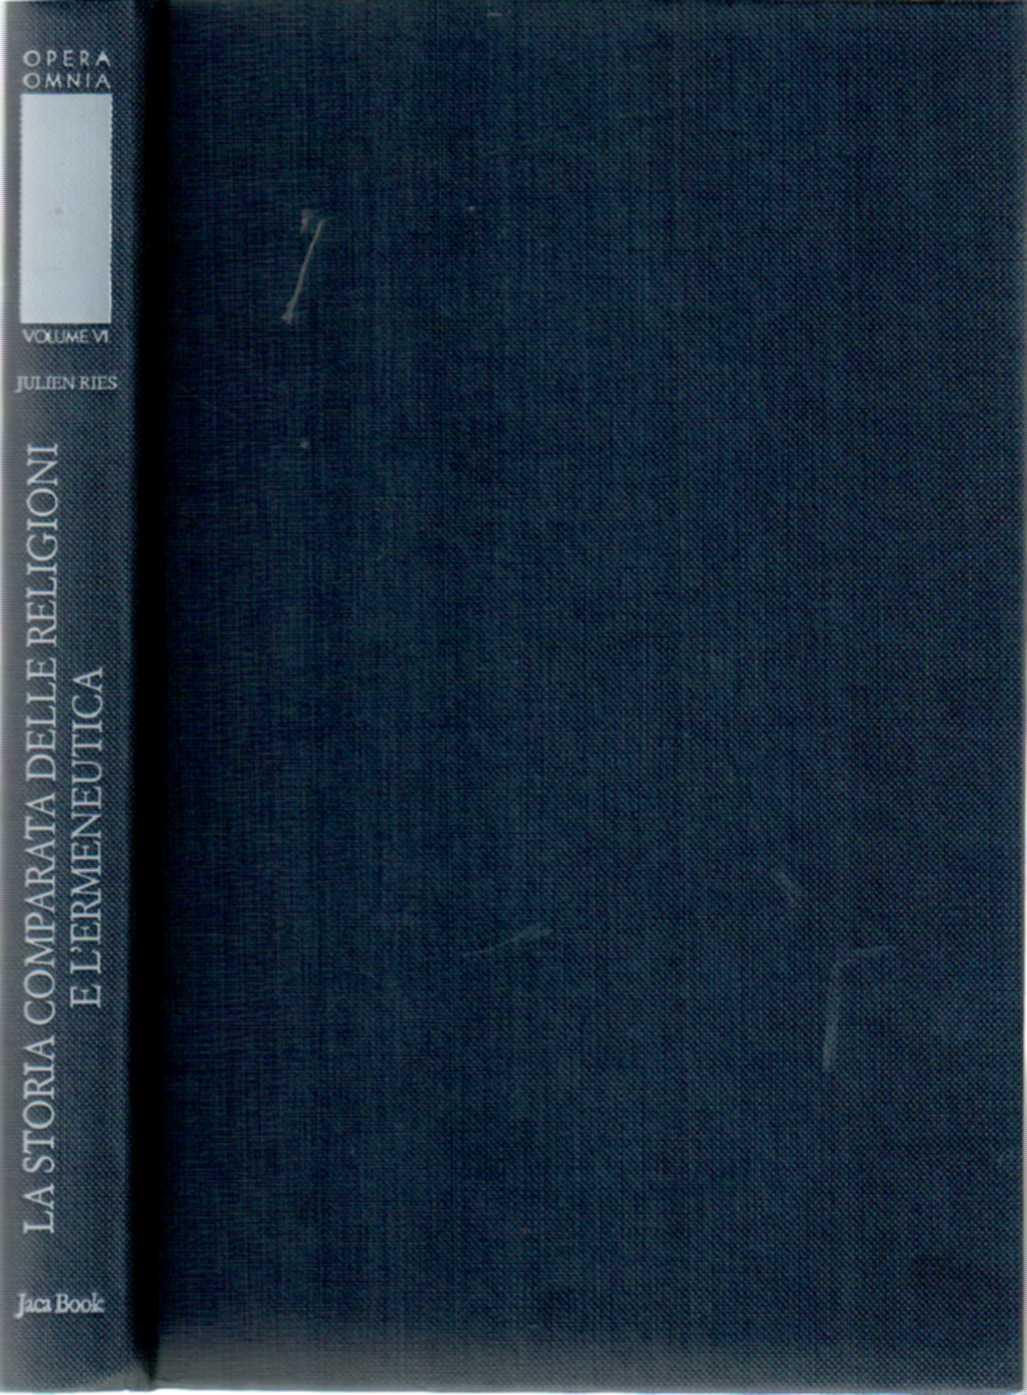 Opera omnia. Vol. 6 La Storia Comparata Delle Religioni e L'ermeneutica - Ries Julien